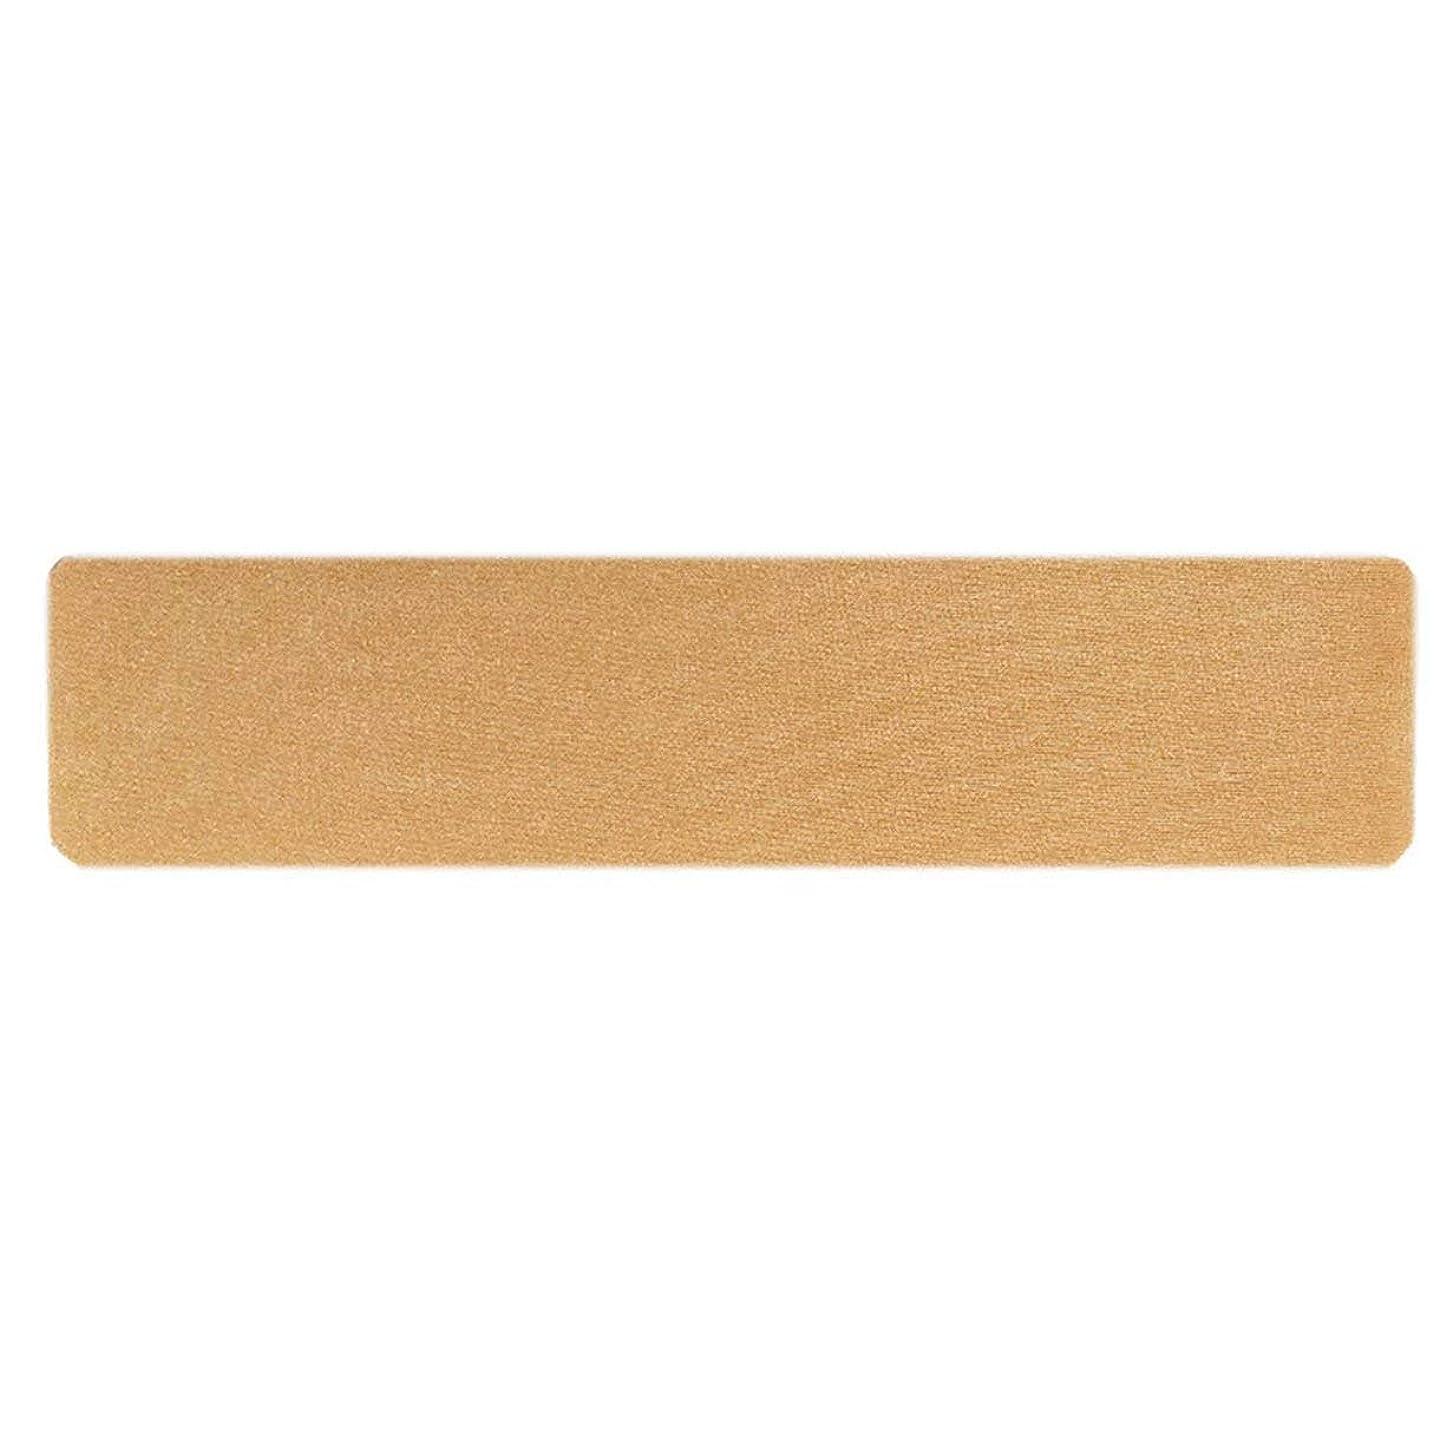 クロールクラブホールド弾力性シリコーン瘢痕ゲルアウェイストリップ貼り付け医療外傷熱傷皮膚修復瘢痕治療パッチRemovel瘢痕 - 皮膚